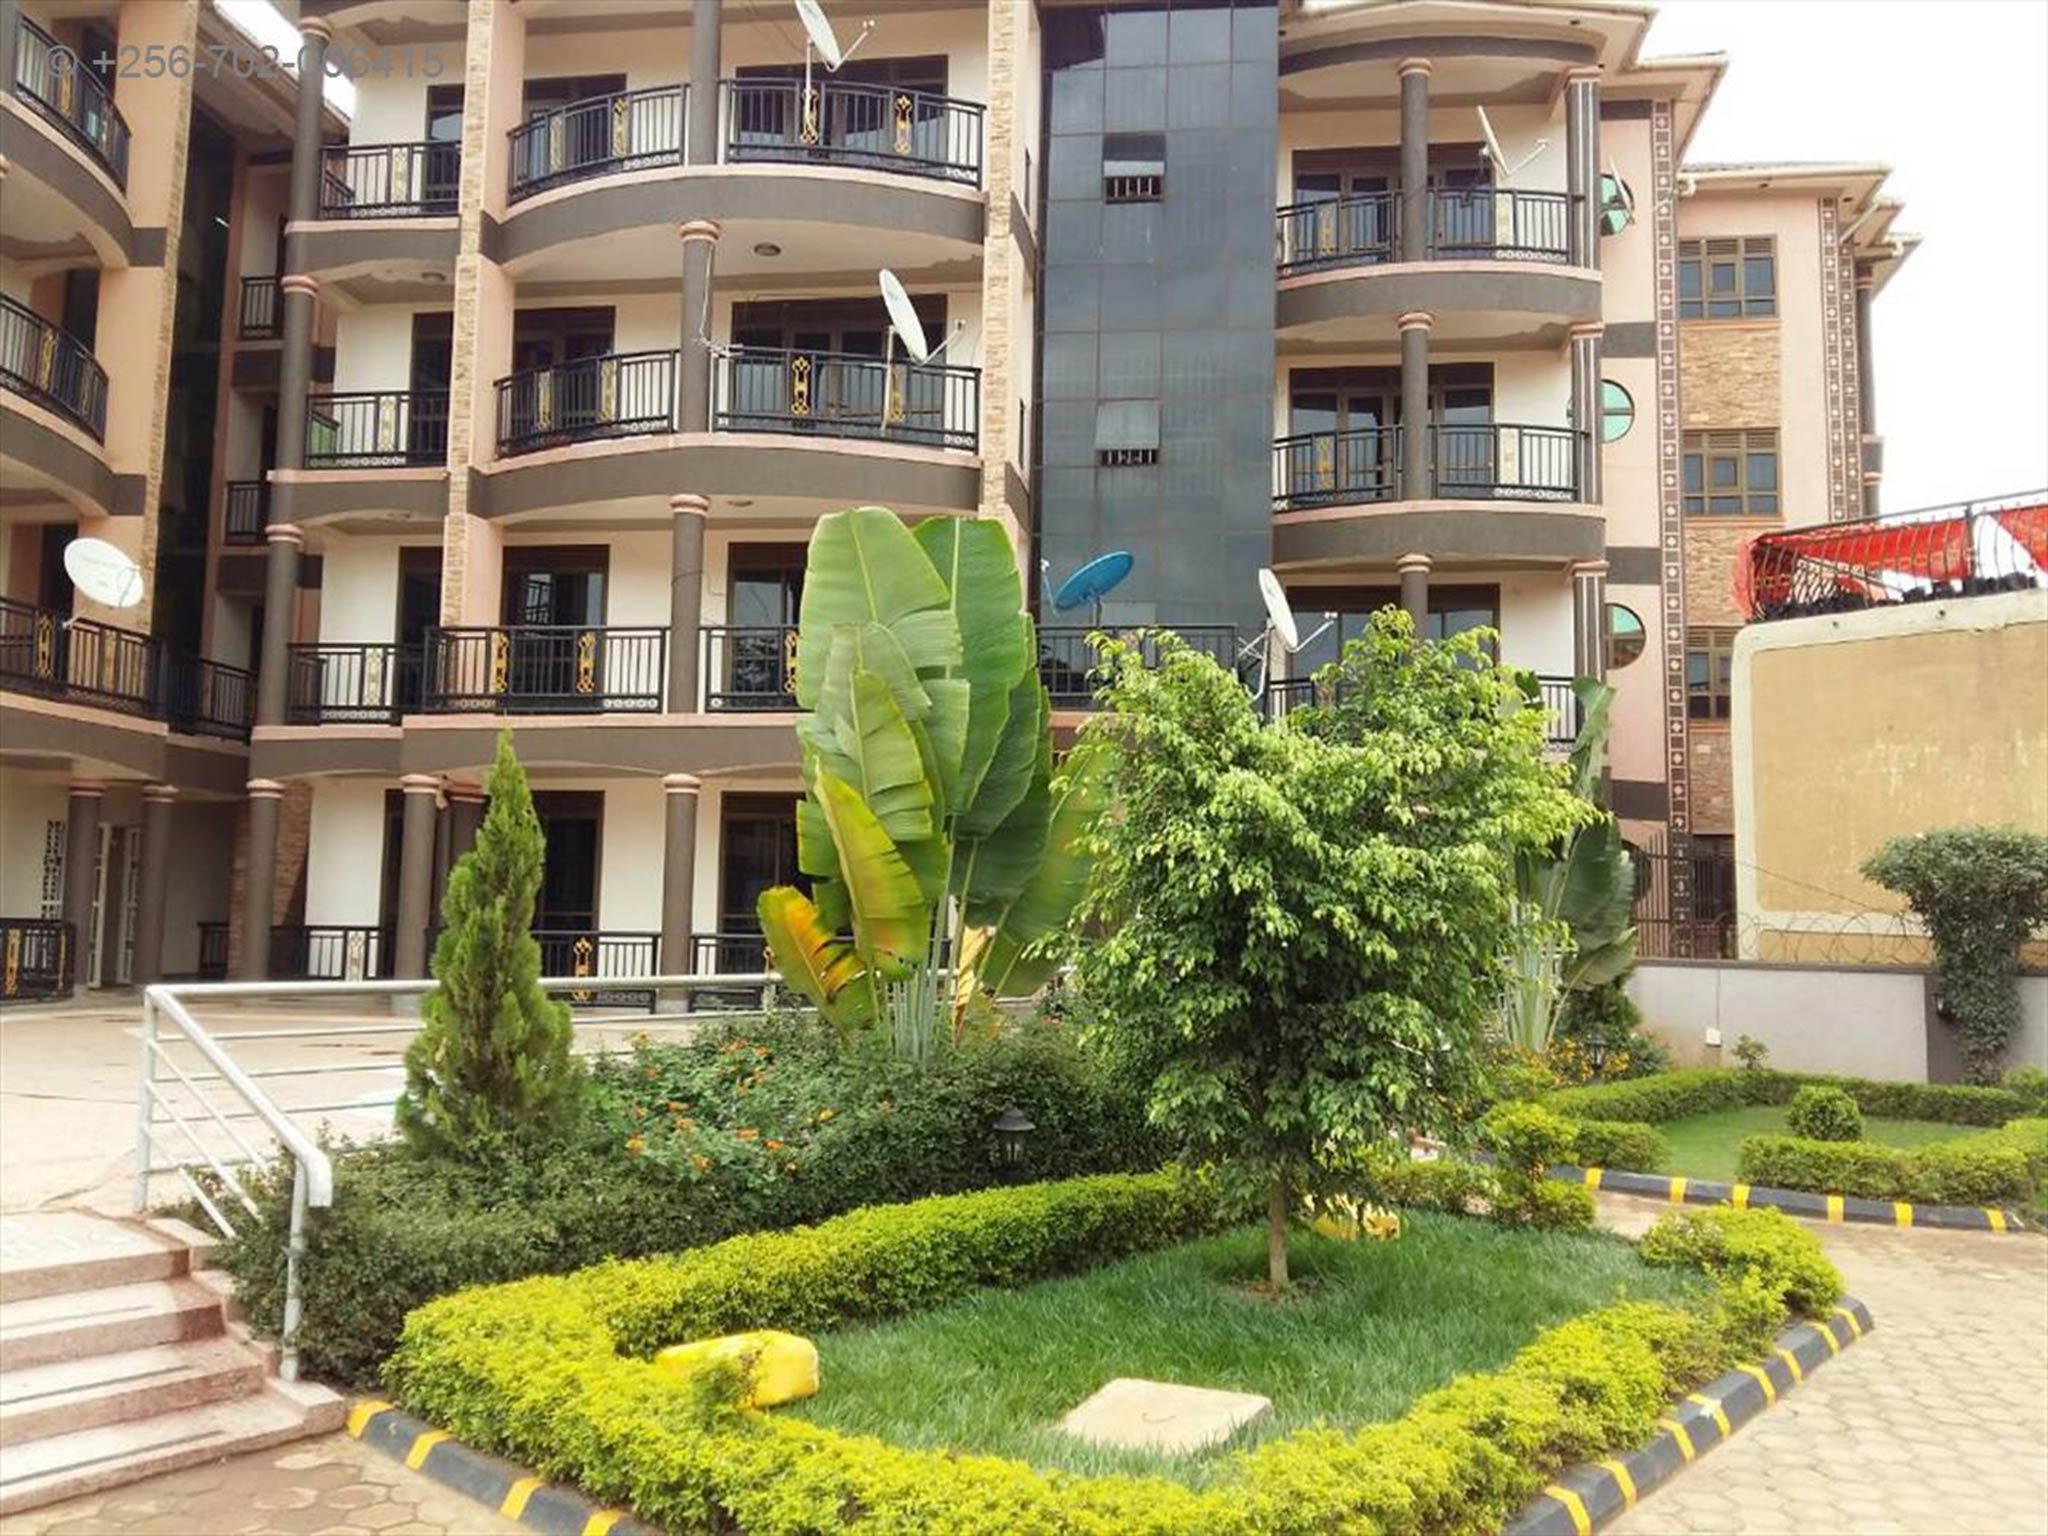 Eine wundervolle voll moblierte Wohnung in Kampala Ferienwohnung in Uganda